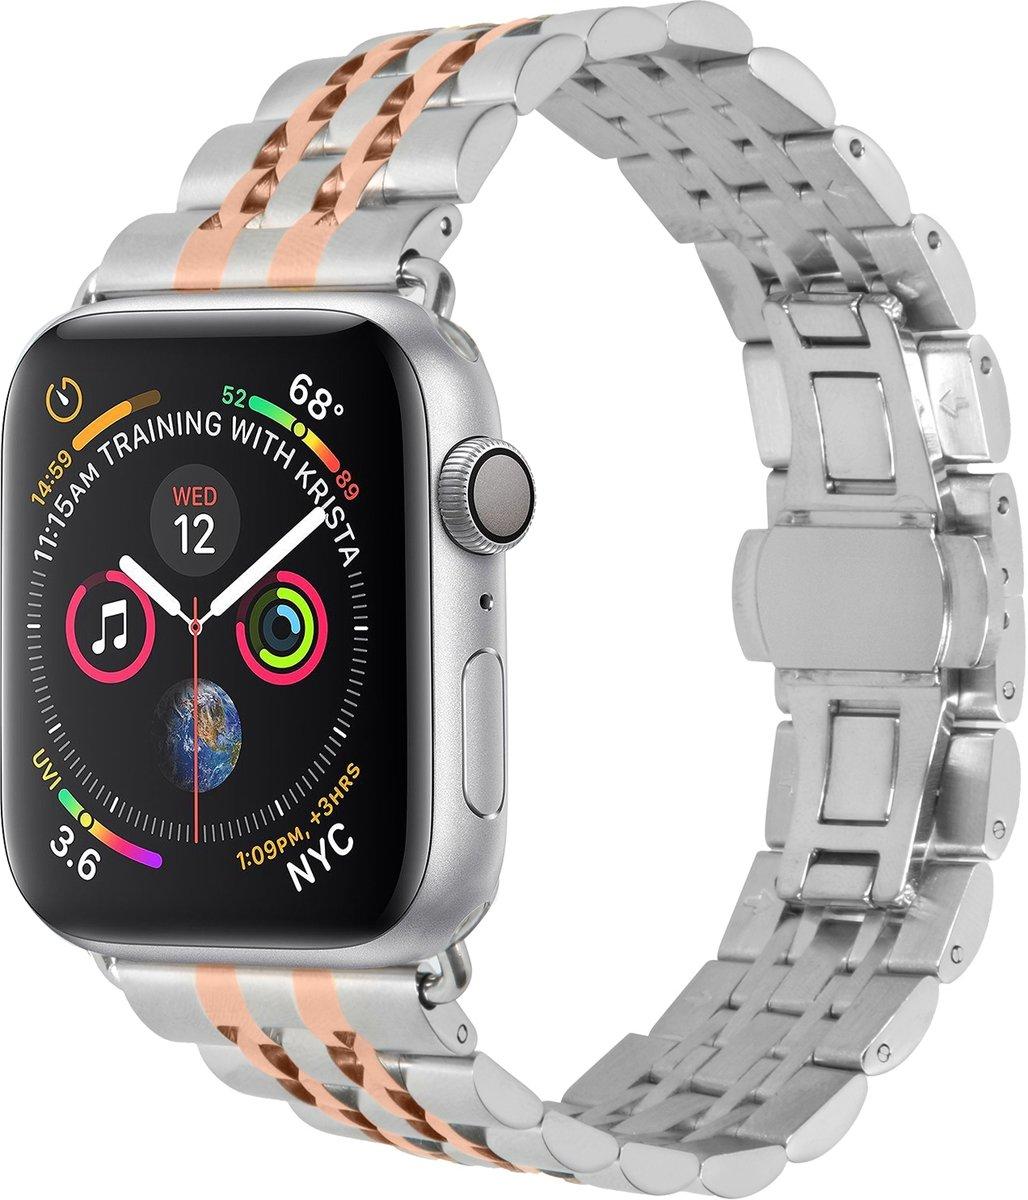 Rosé Goud Stainless Steel bandje voor de Apple Watch 40 / 38 mm kopen